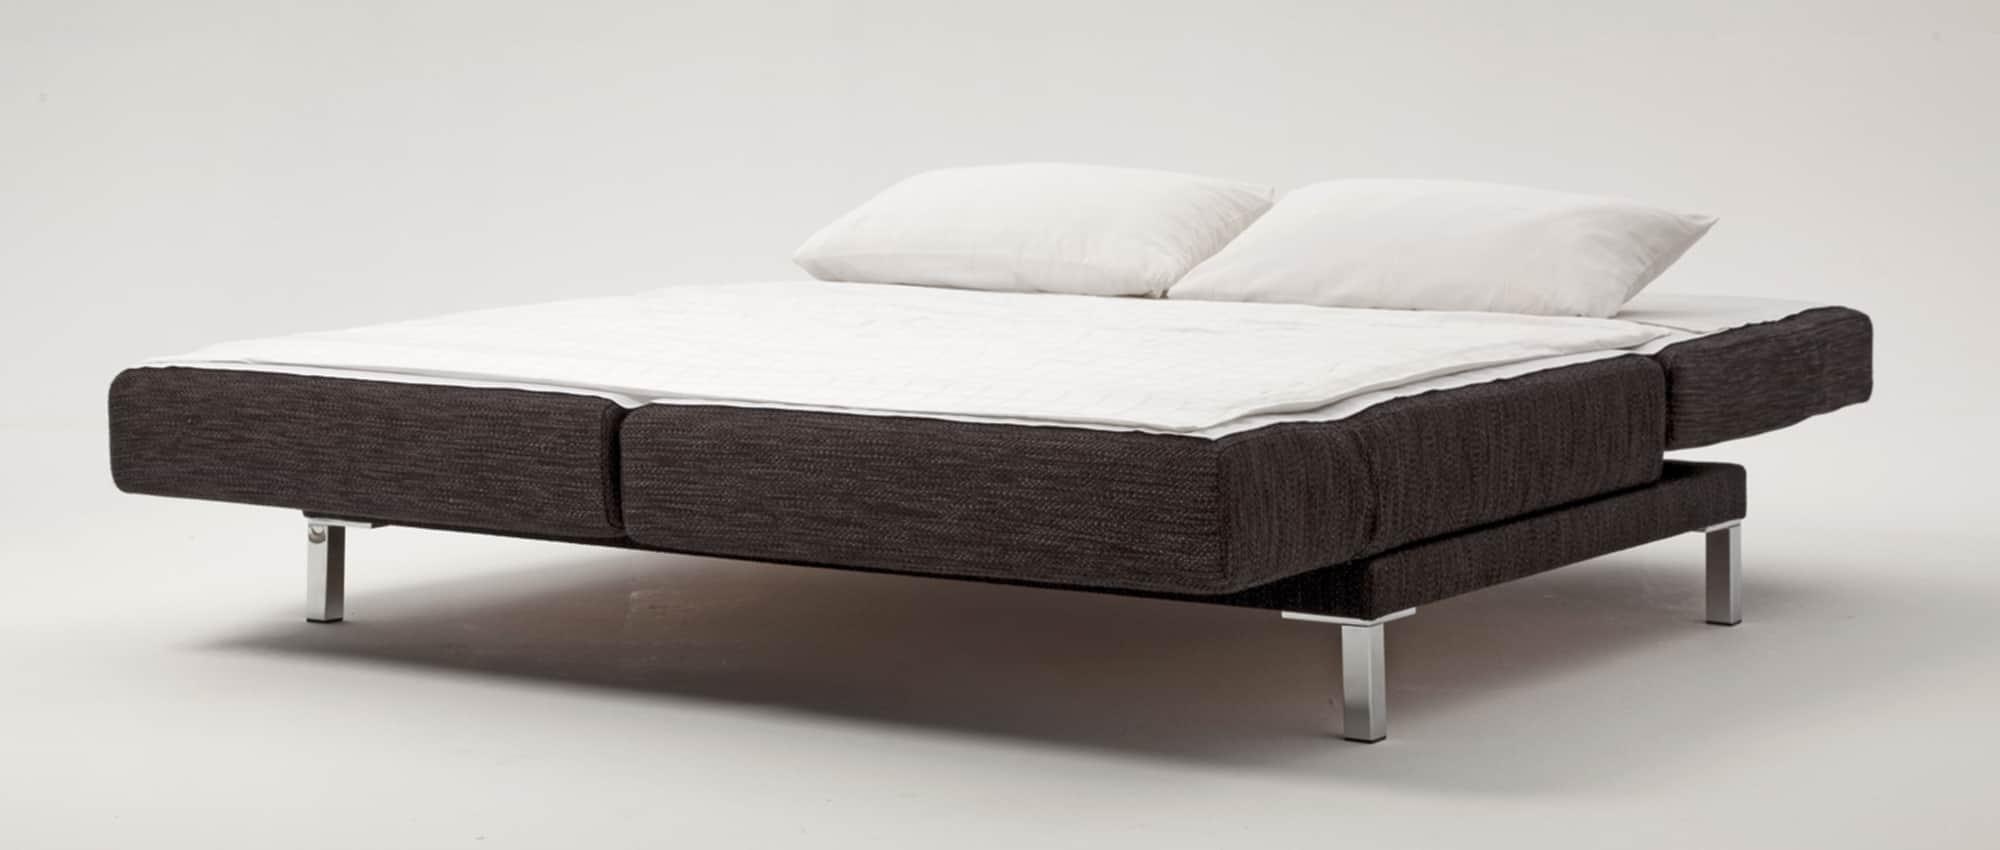 RIGA XL Schlafsofa von Franz Fertig - Liegefläche ca. 180x200 cm. sofa mit Schlaffunktion. Bettsofa. Gästebett für 2 Personen.